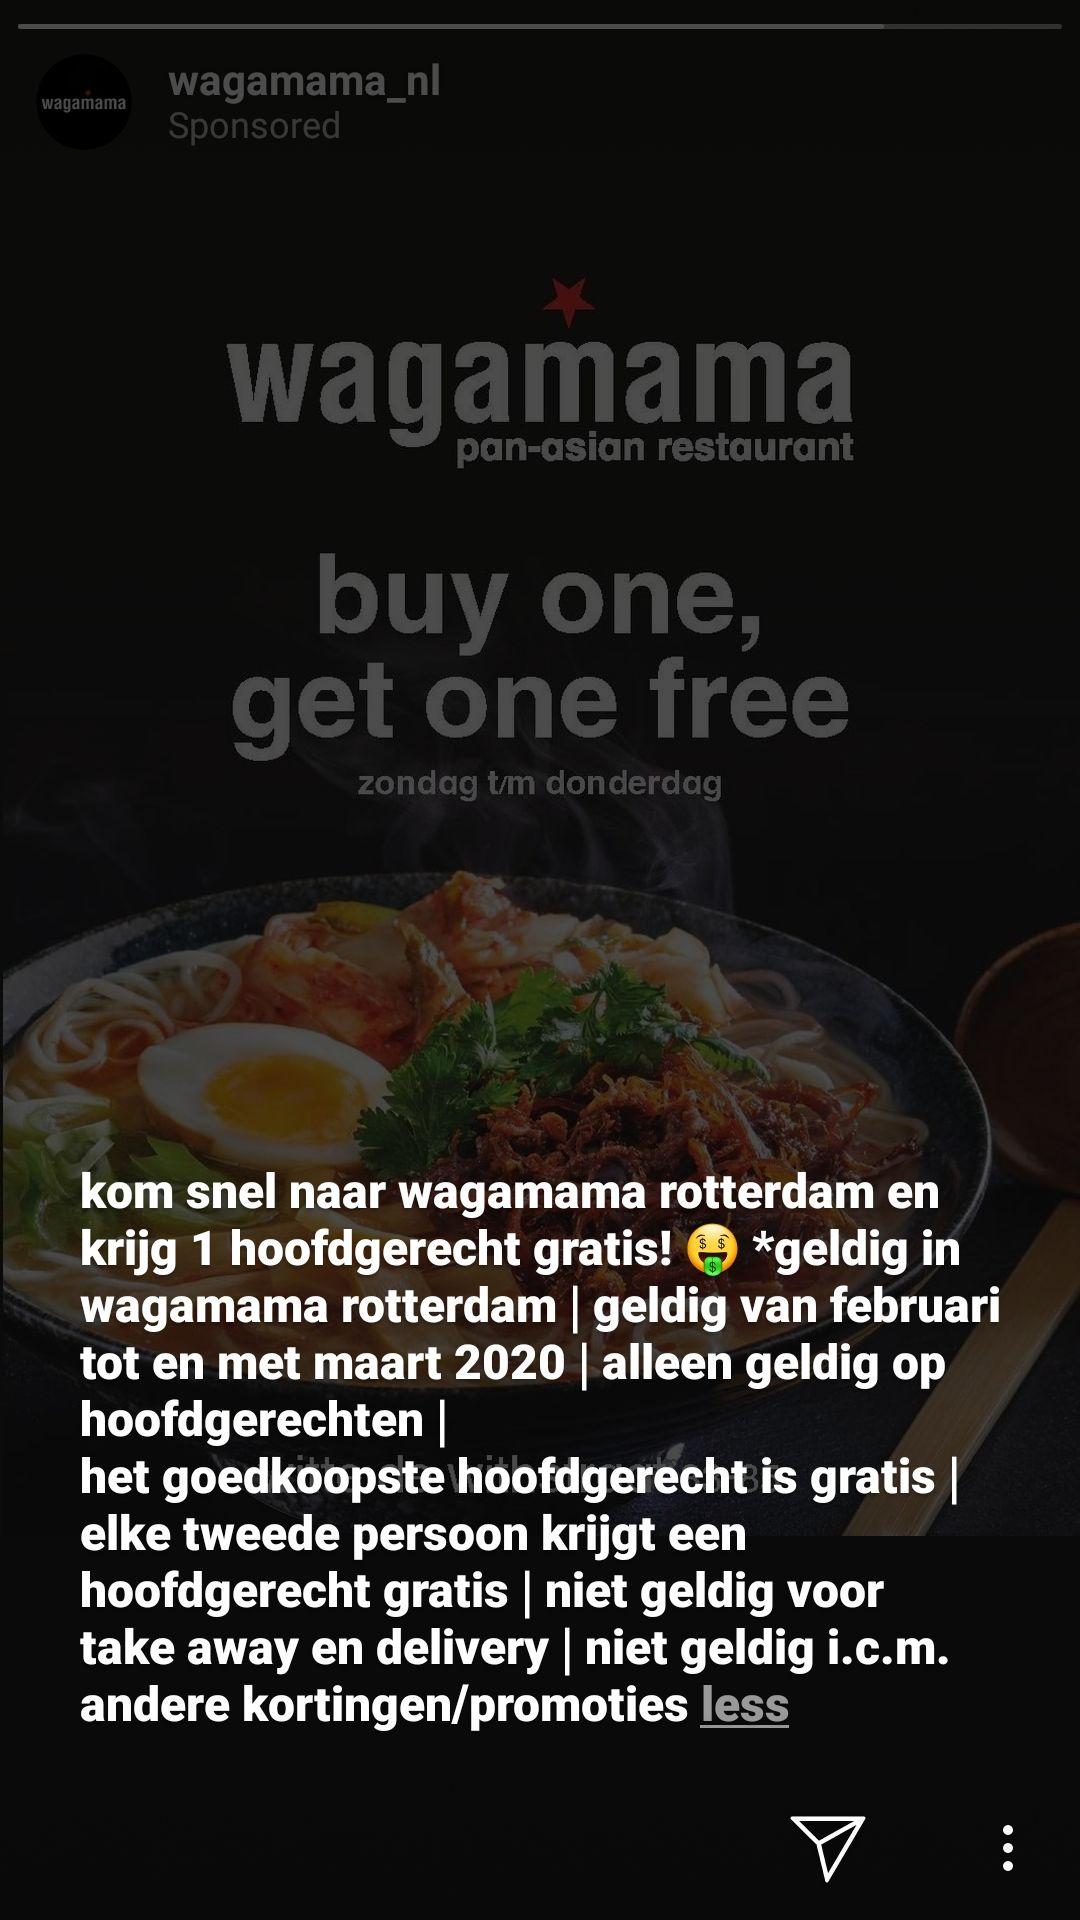 [Lokaal] Wagamama Rotterdam buy one get one free hoofdgerechten (zo-do)